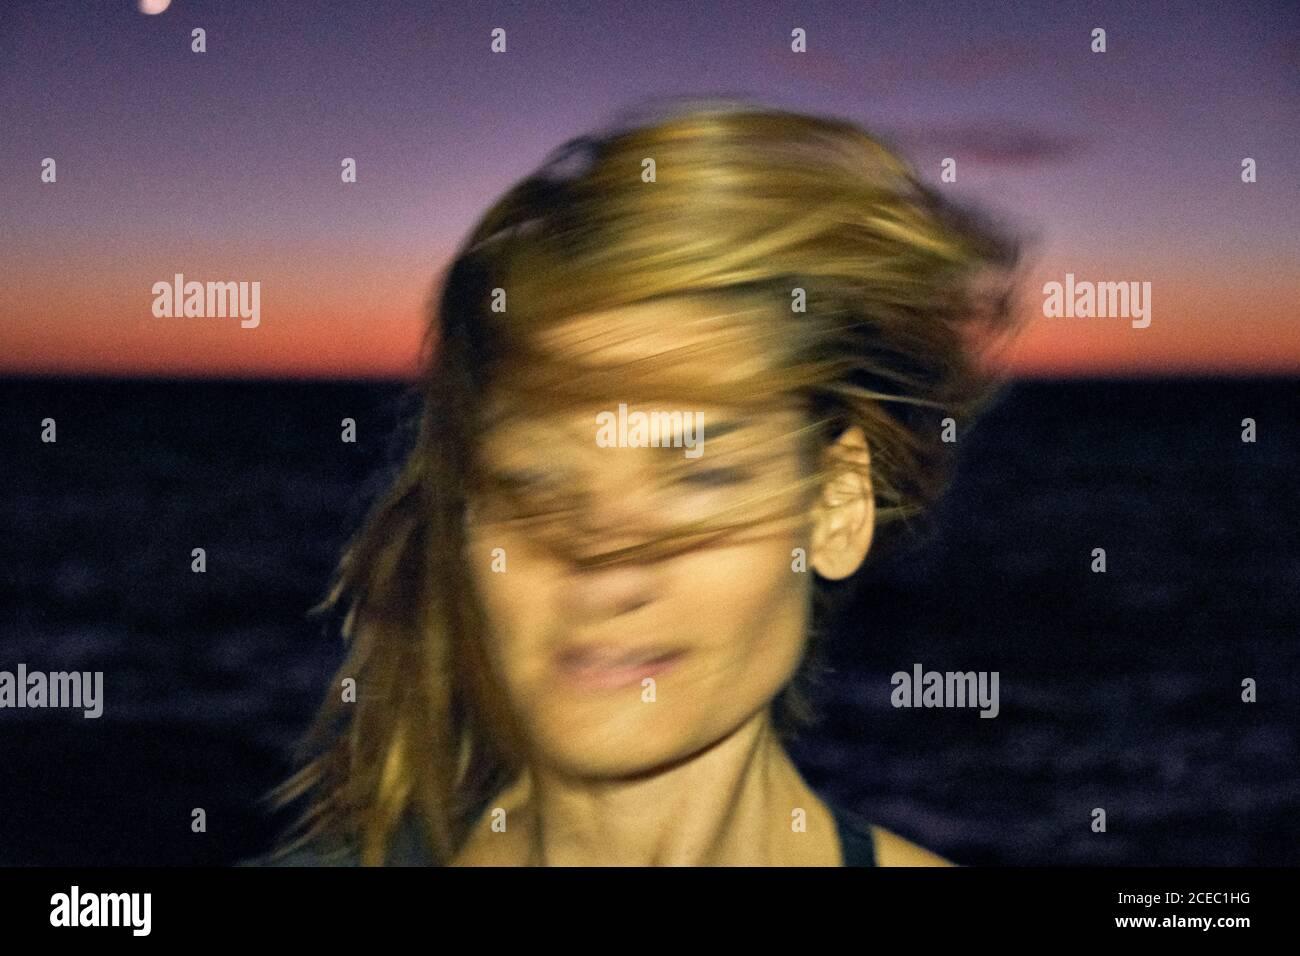 Junge Frau schüttelt blonde Haare, während sie gegen dunkle Nacht steht Himmel und wunderbares Meer Stockfoto